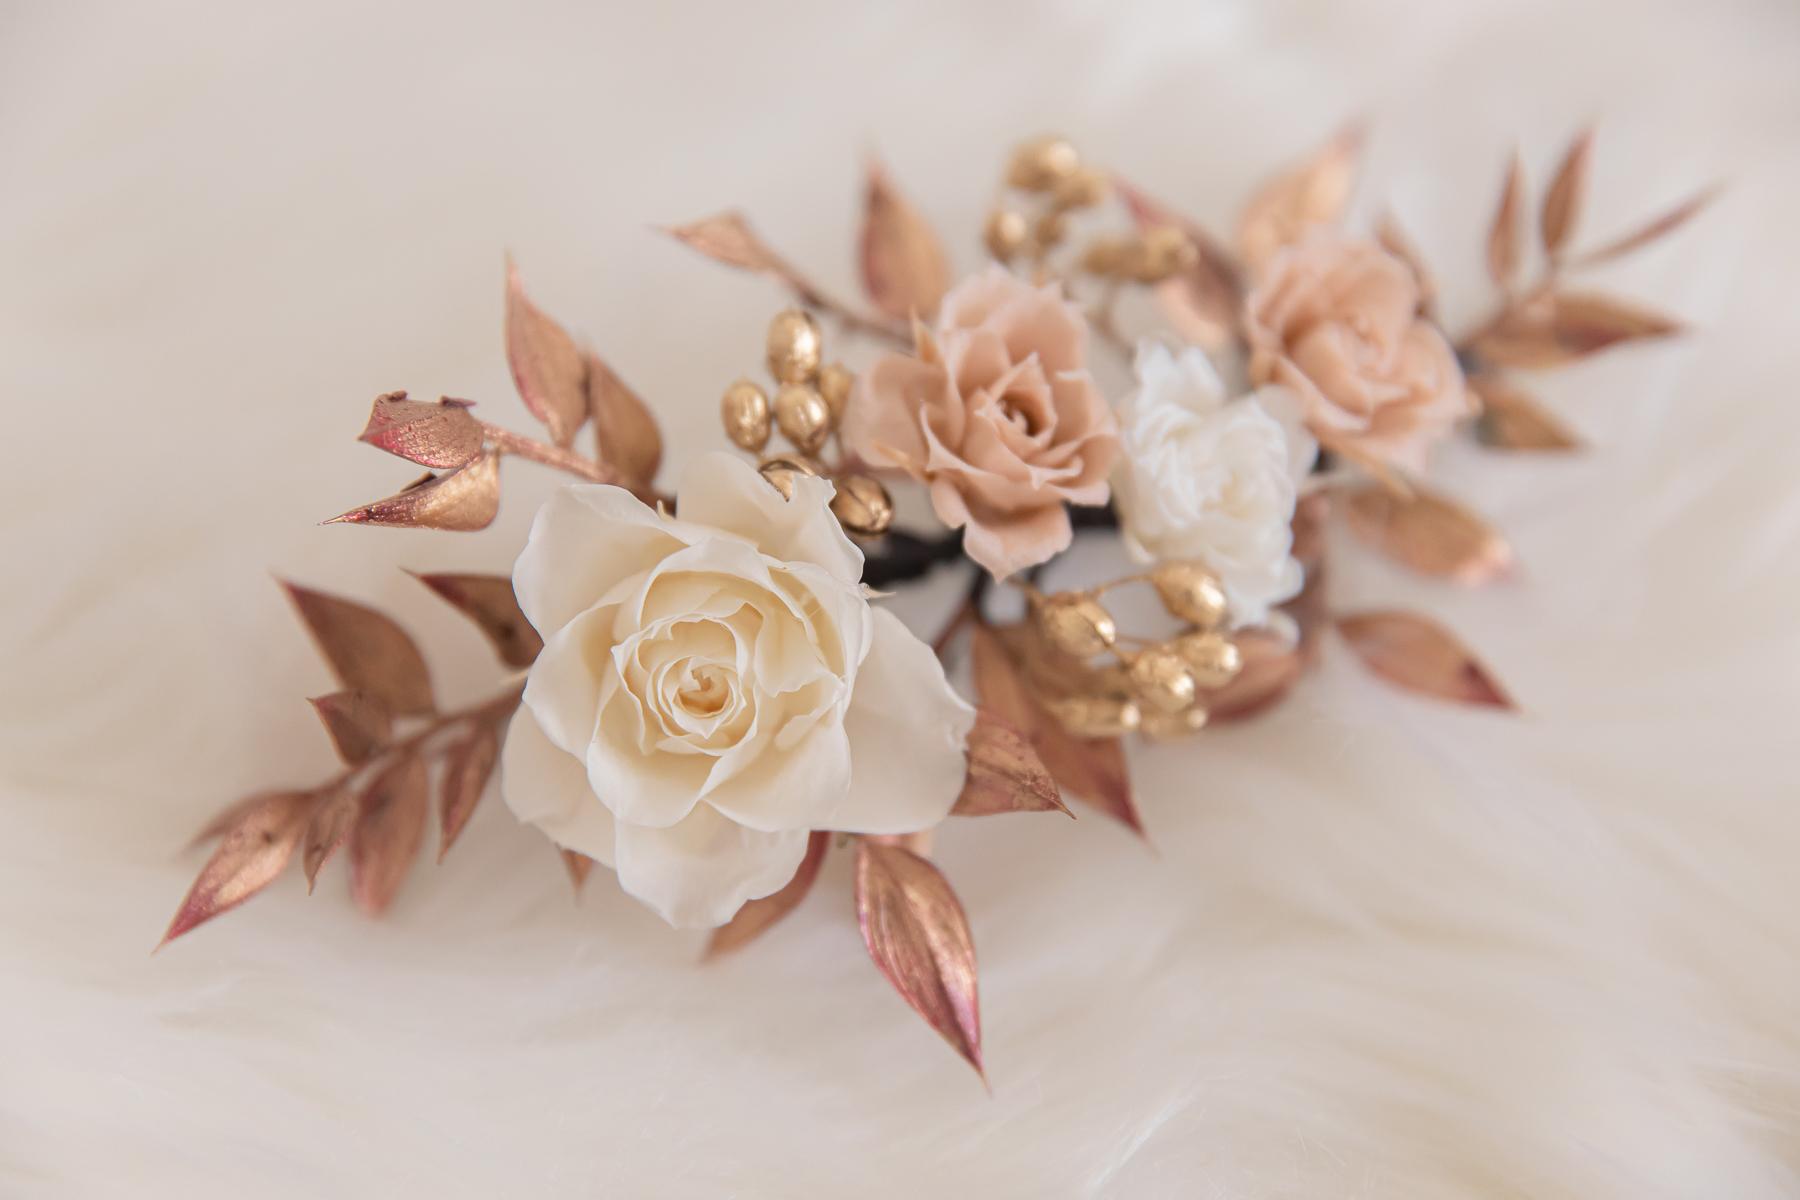 高雄不凋花頭飾|微華麗的玫瑰金永生花頭飾